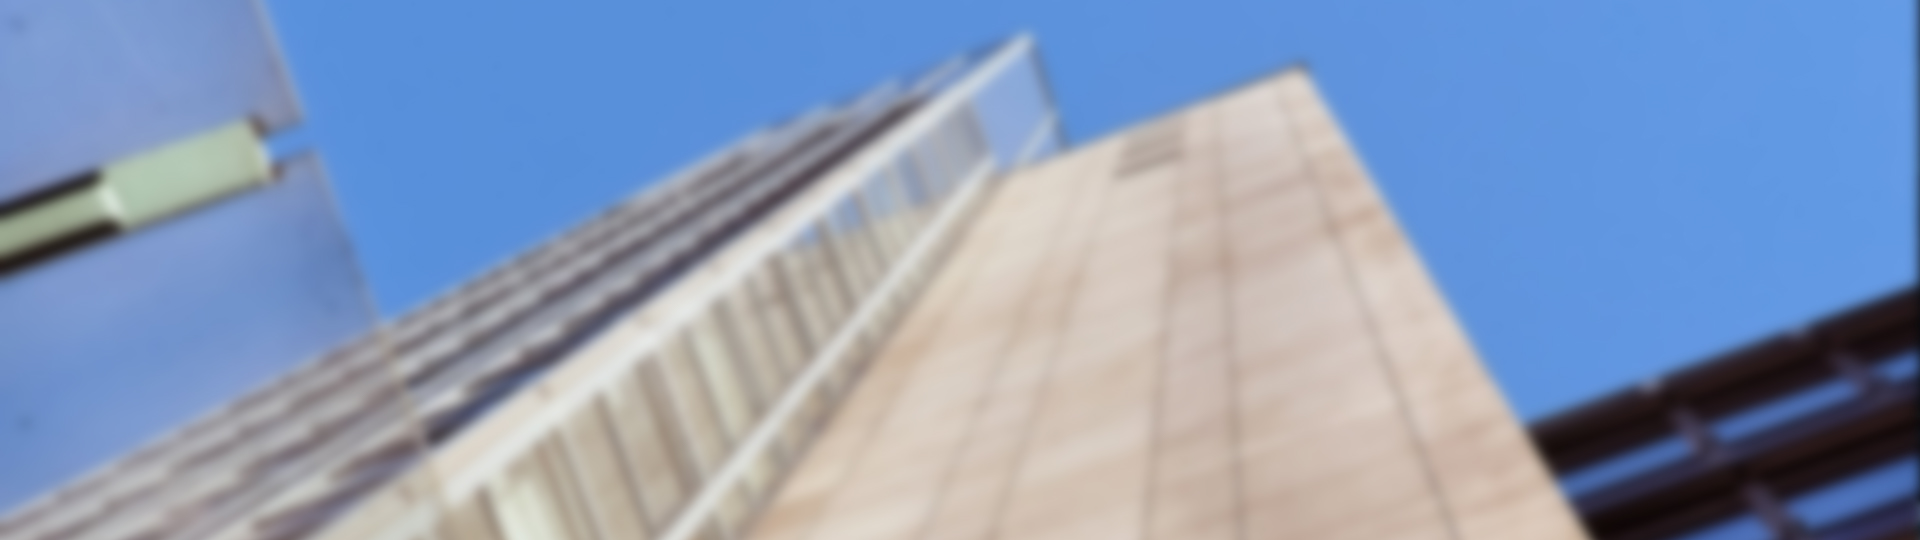 云南电梯防护门厂家